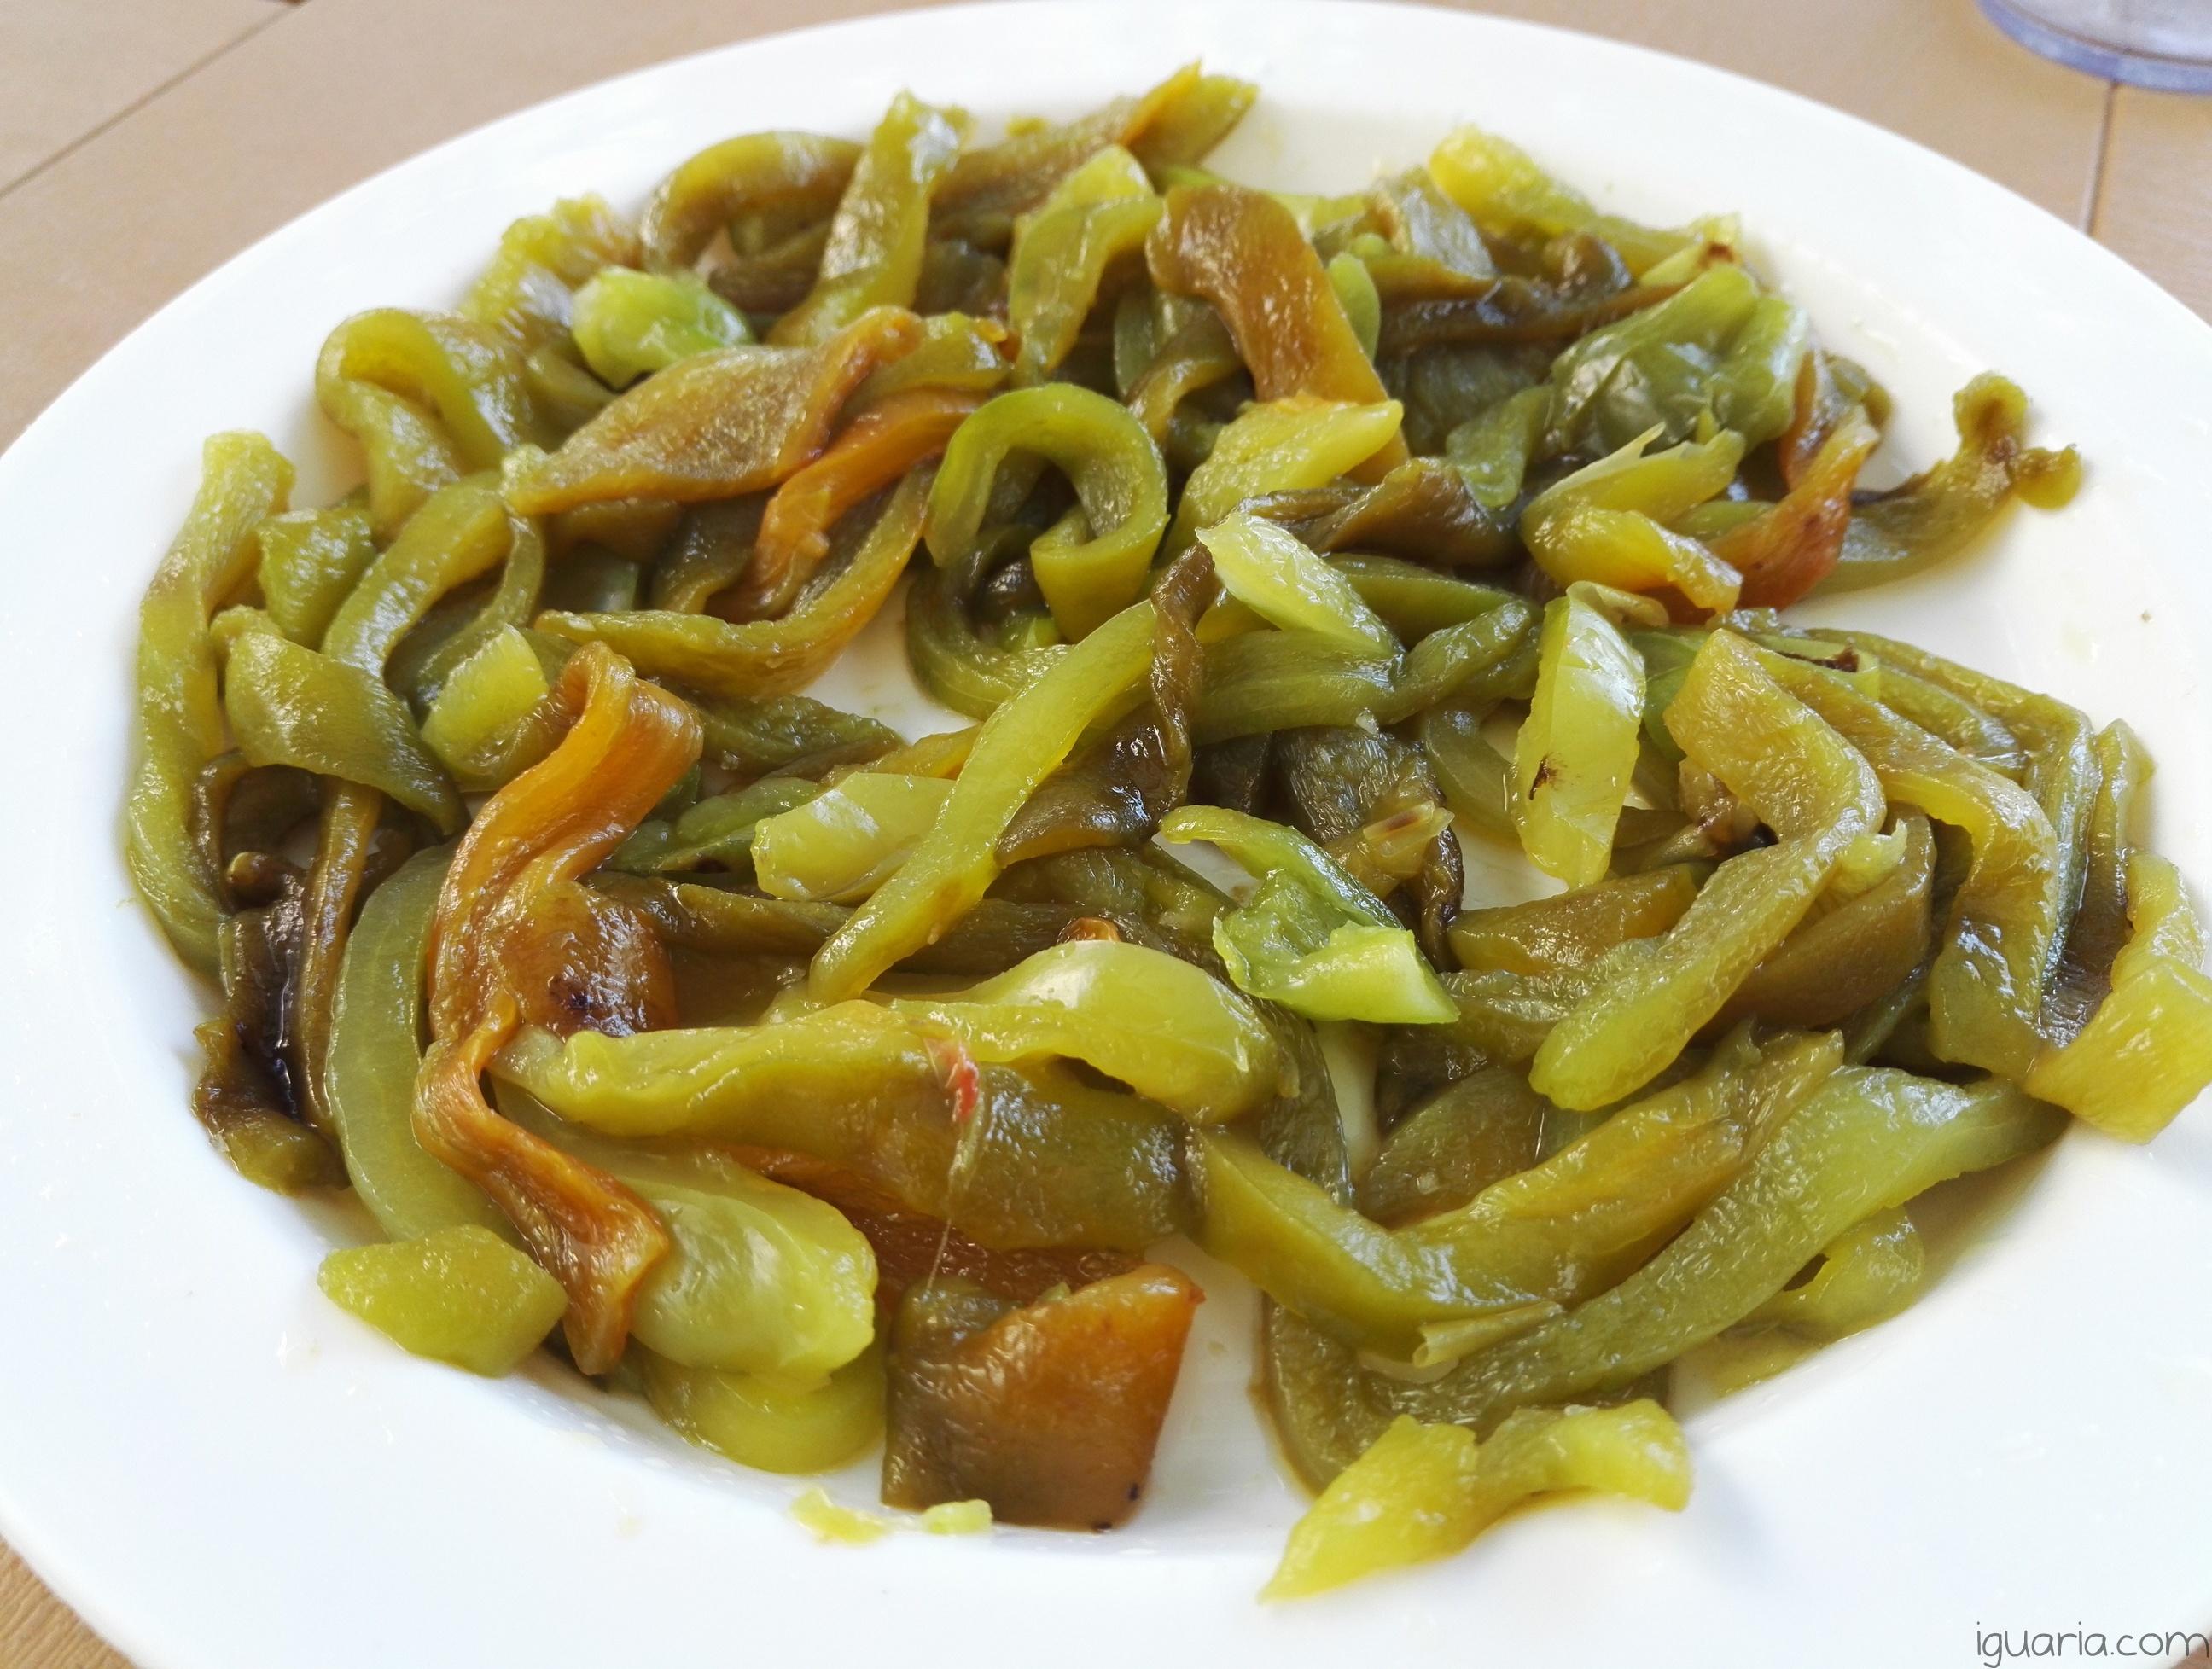 iguaria-pimentos-verdes-assados-temperados